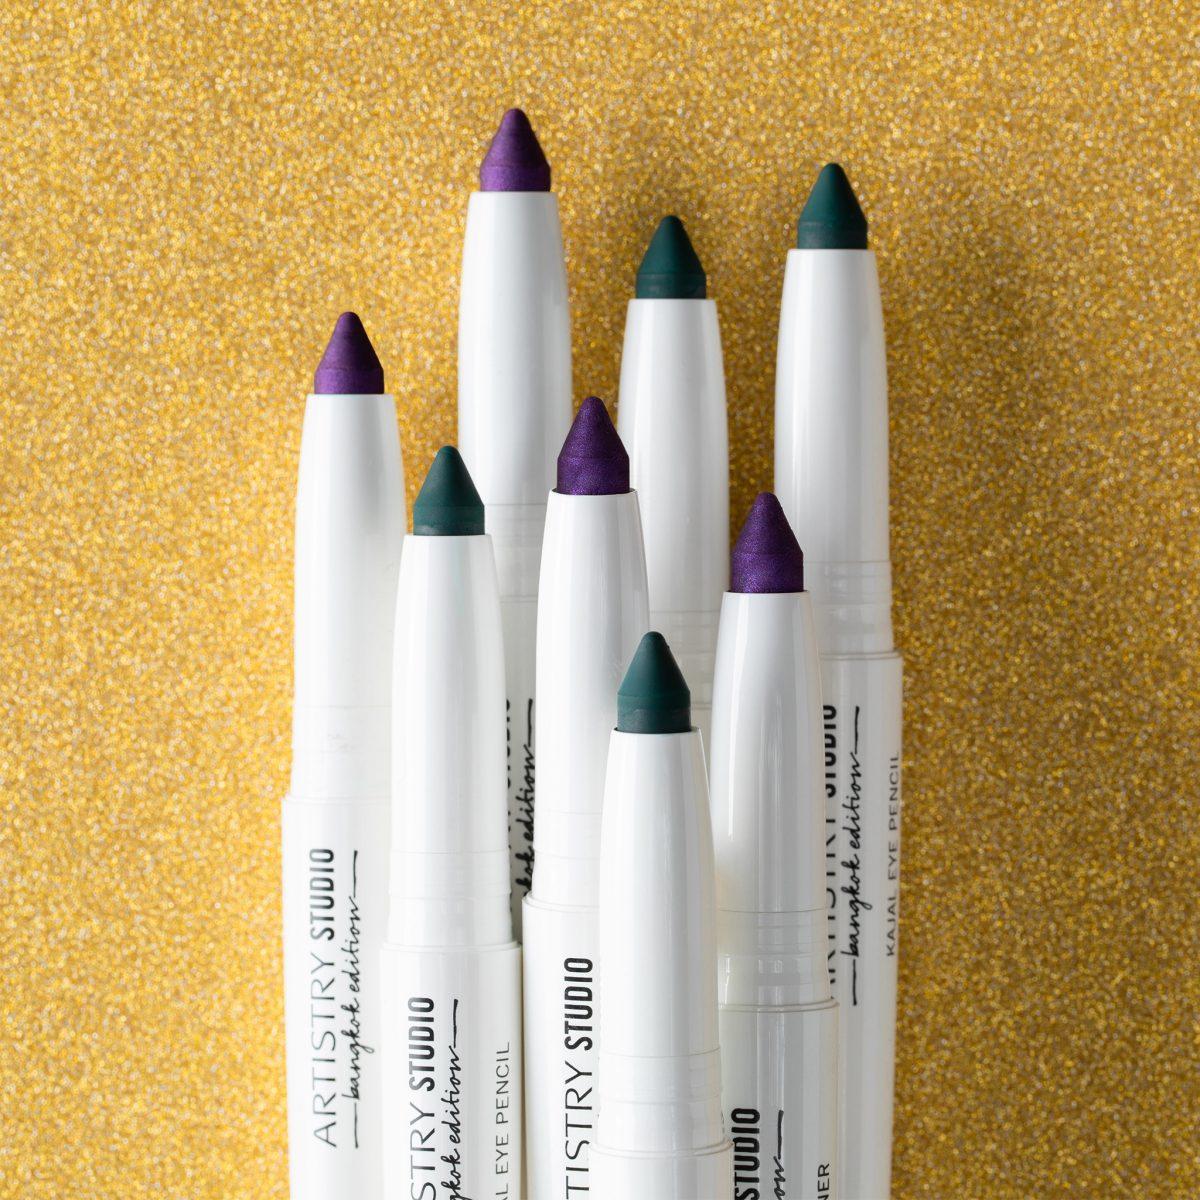 creion dermatograf kajal artistry bangkok